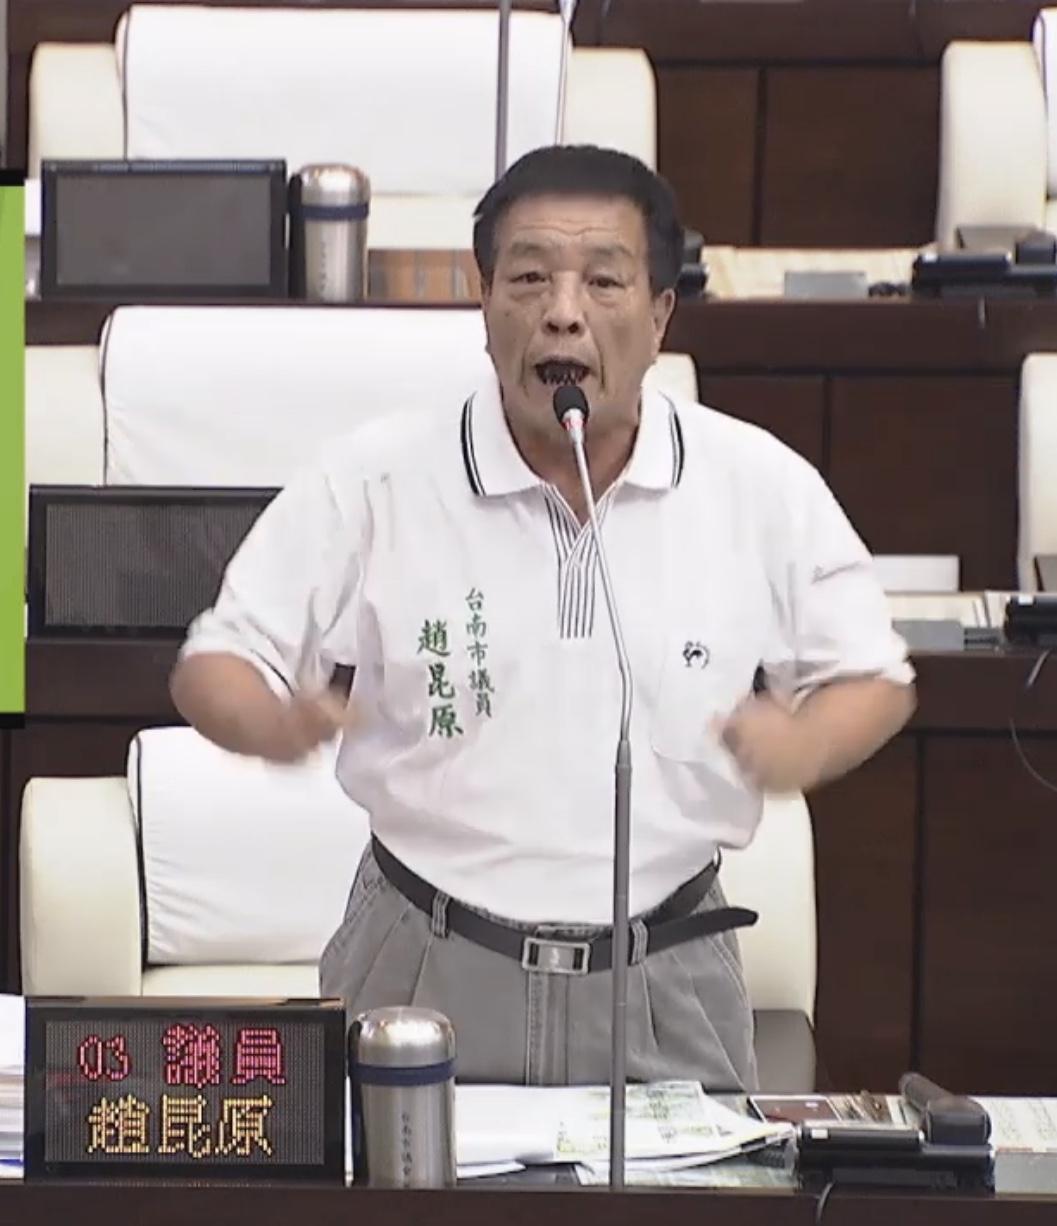 台南市無黨籍議員趙昆原。圖/取自網路